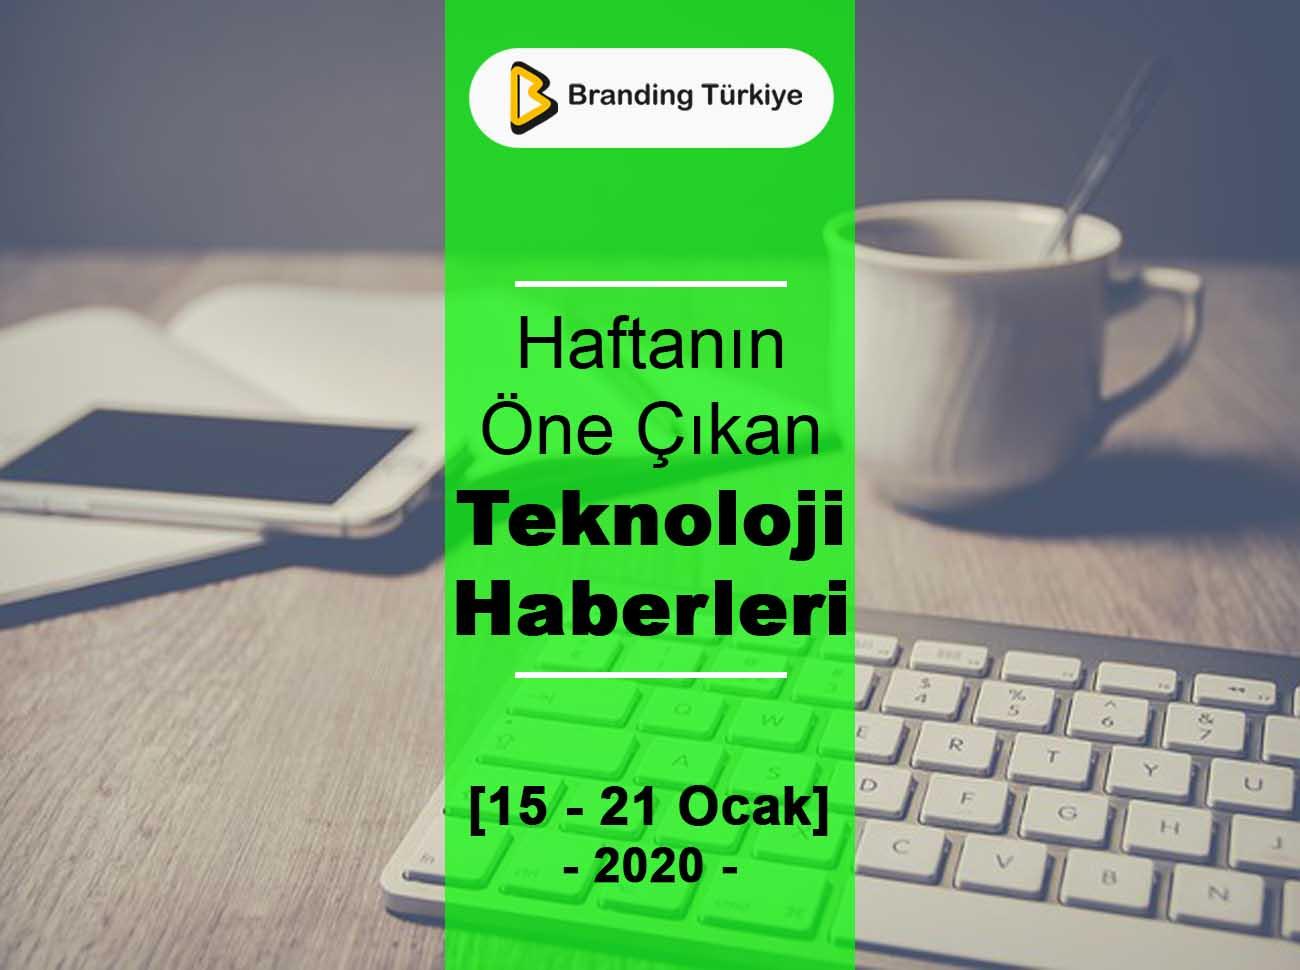 Haftanın Teknoloji Haberleri (15 – 21 Ocak 2020)